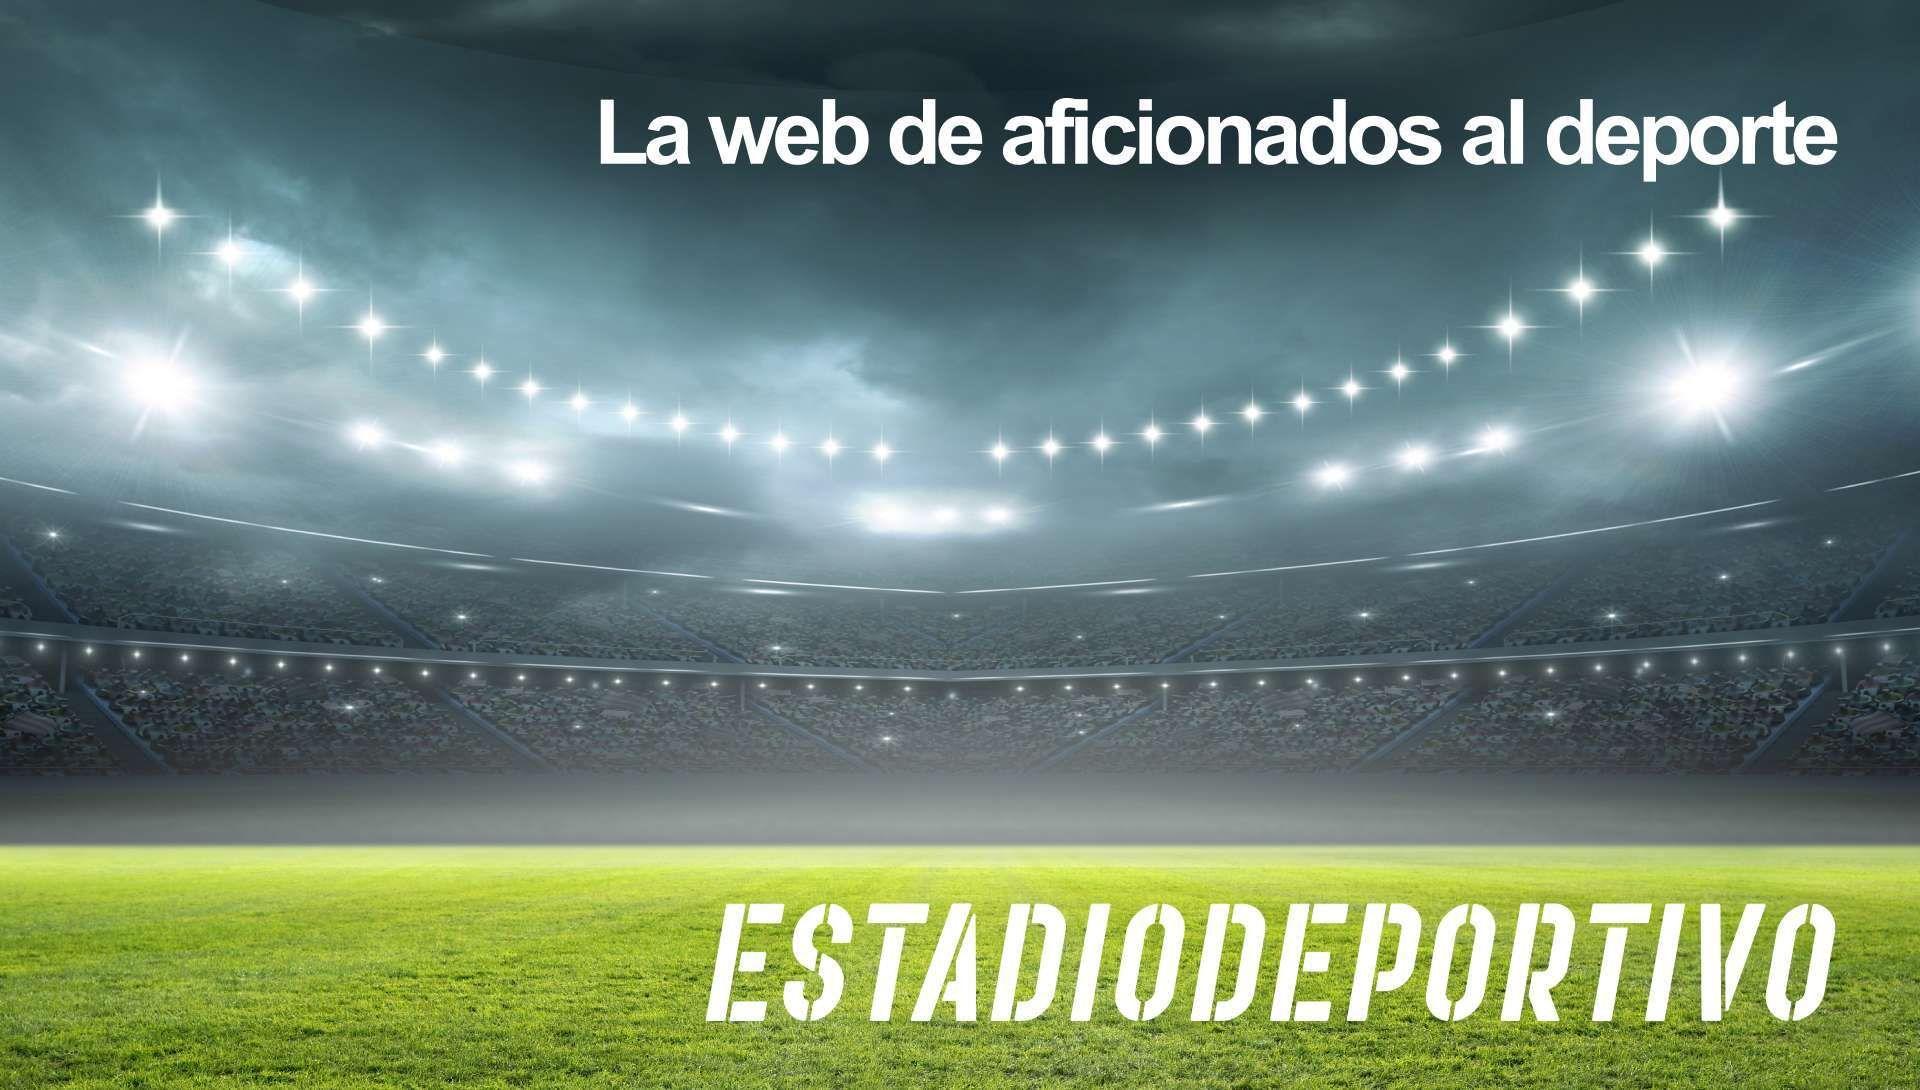 Las imágenes de la presentación de Emerson